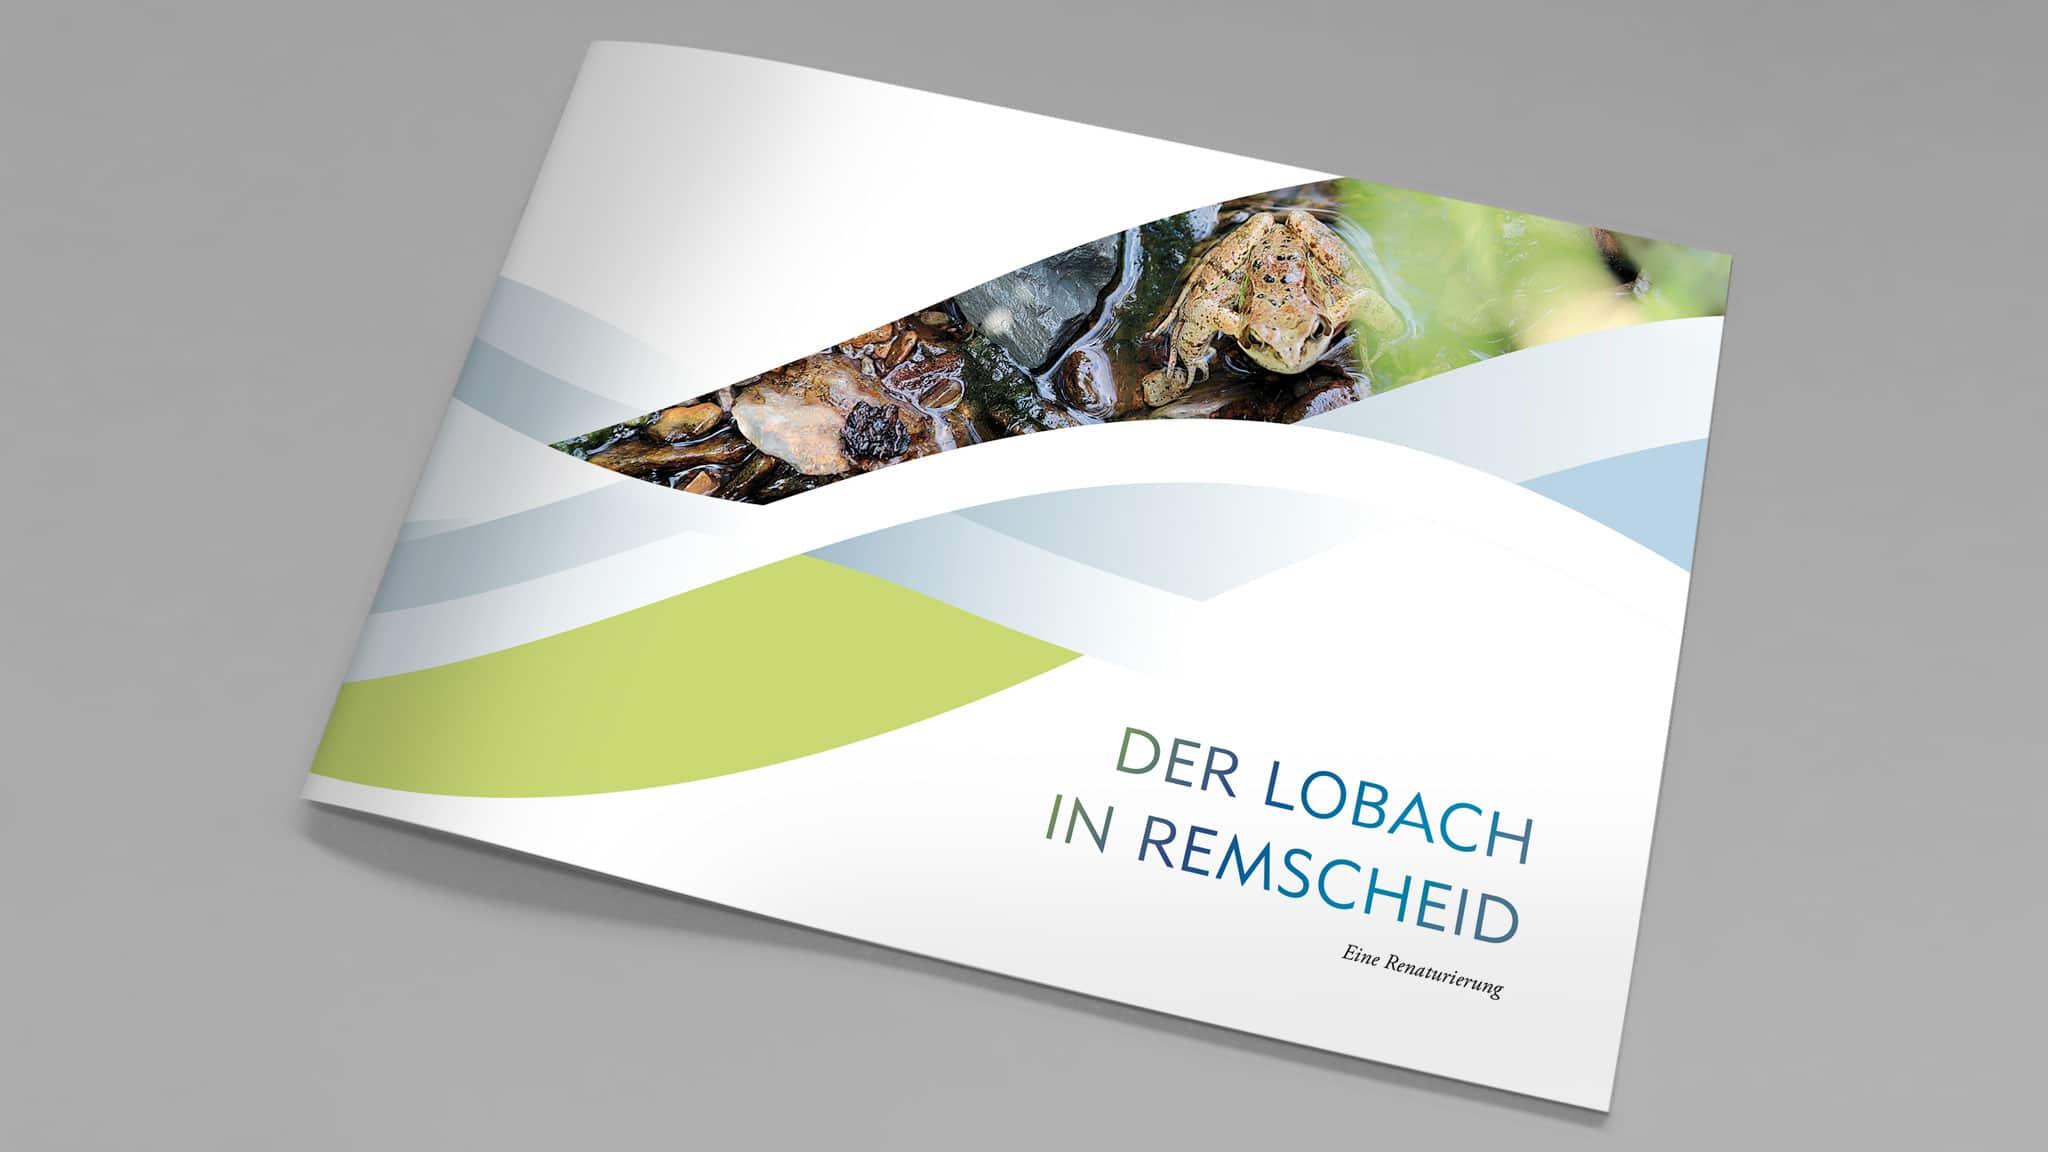 Lobach_02